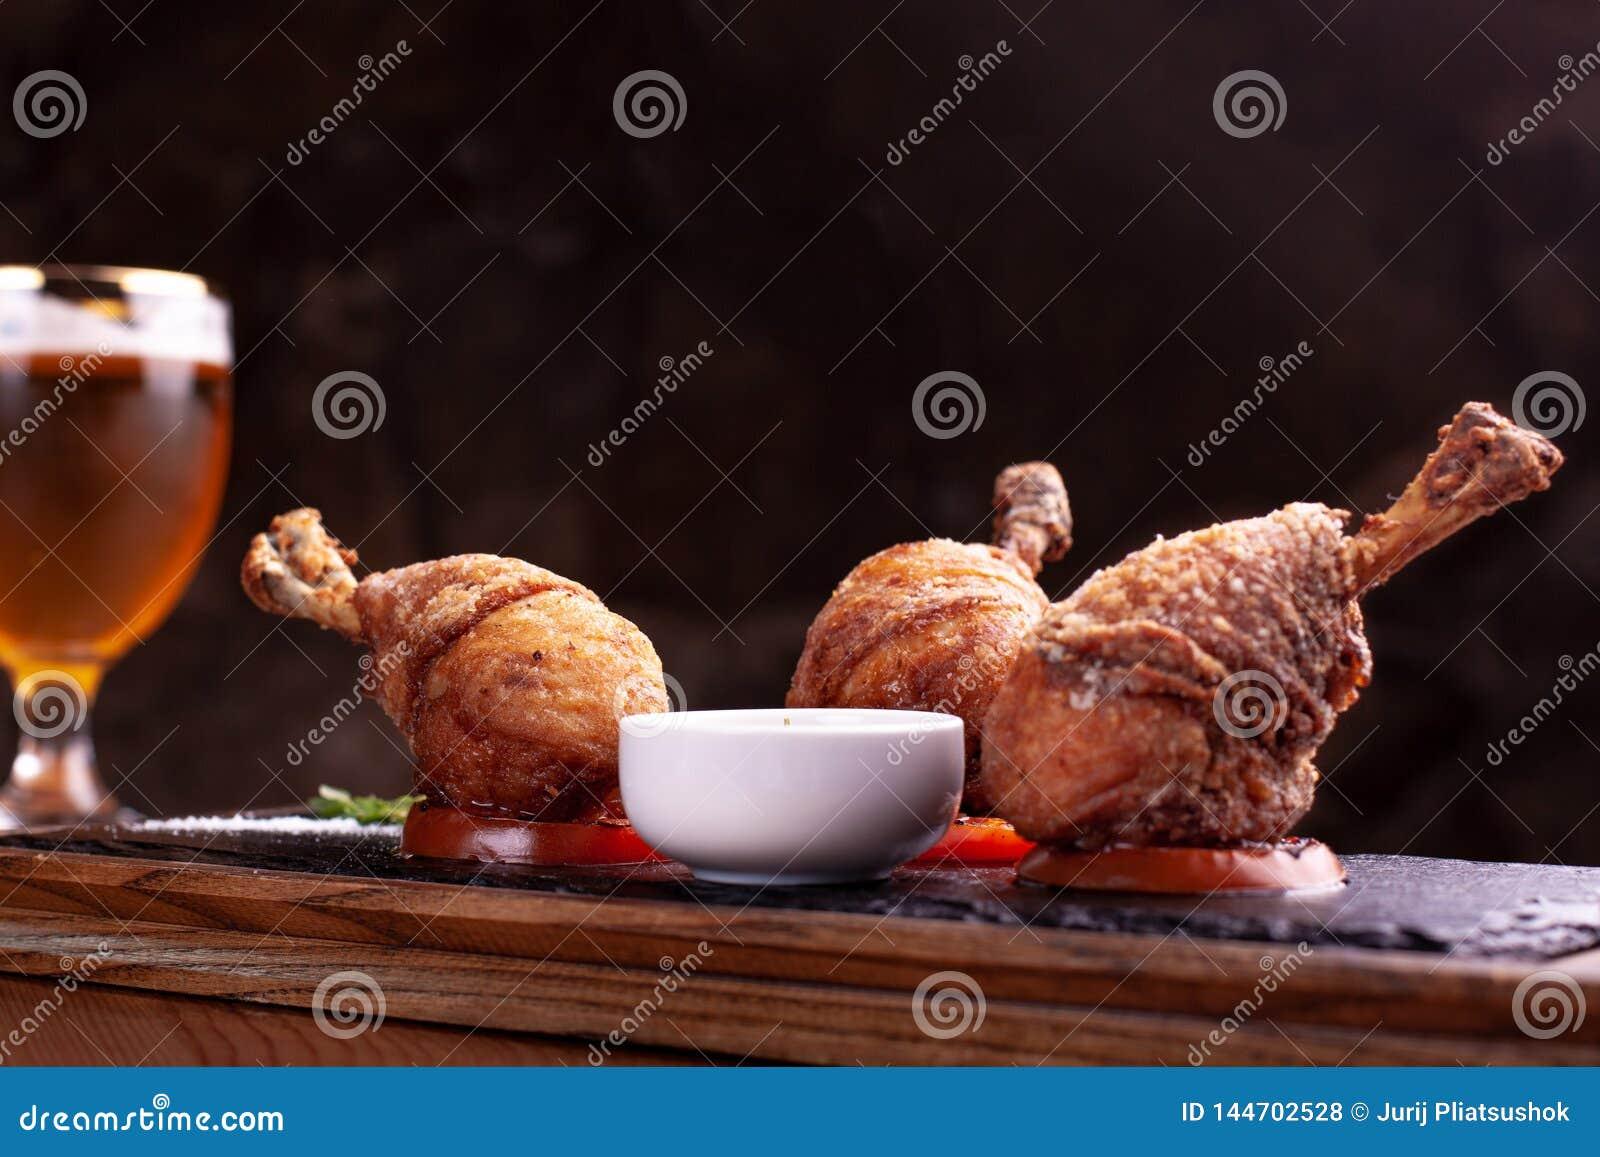 Τρία πασπαλισμένα με ψίχουλα πόδια κοτόπουλου στις σαλτσιέρες, στάση στη μαύρη πλάκα Μαύρο υπόβαθρο, όμορφο φως